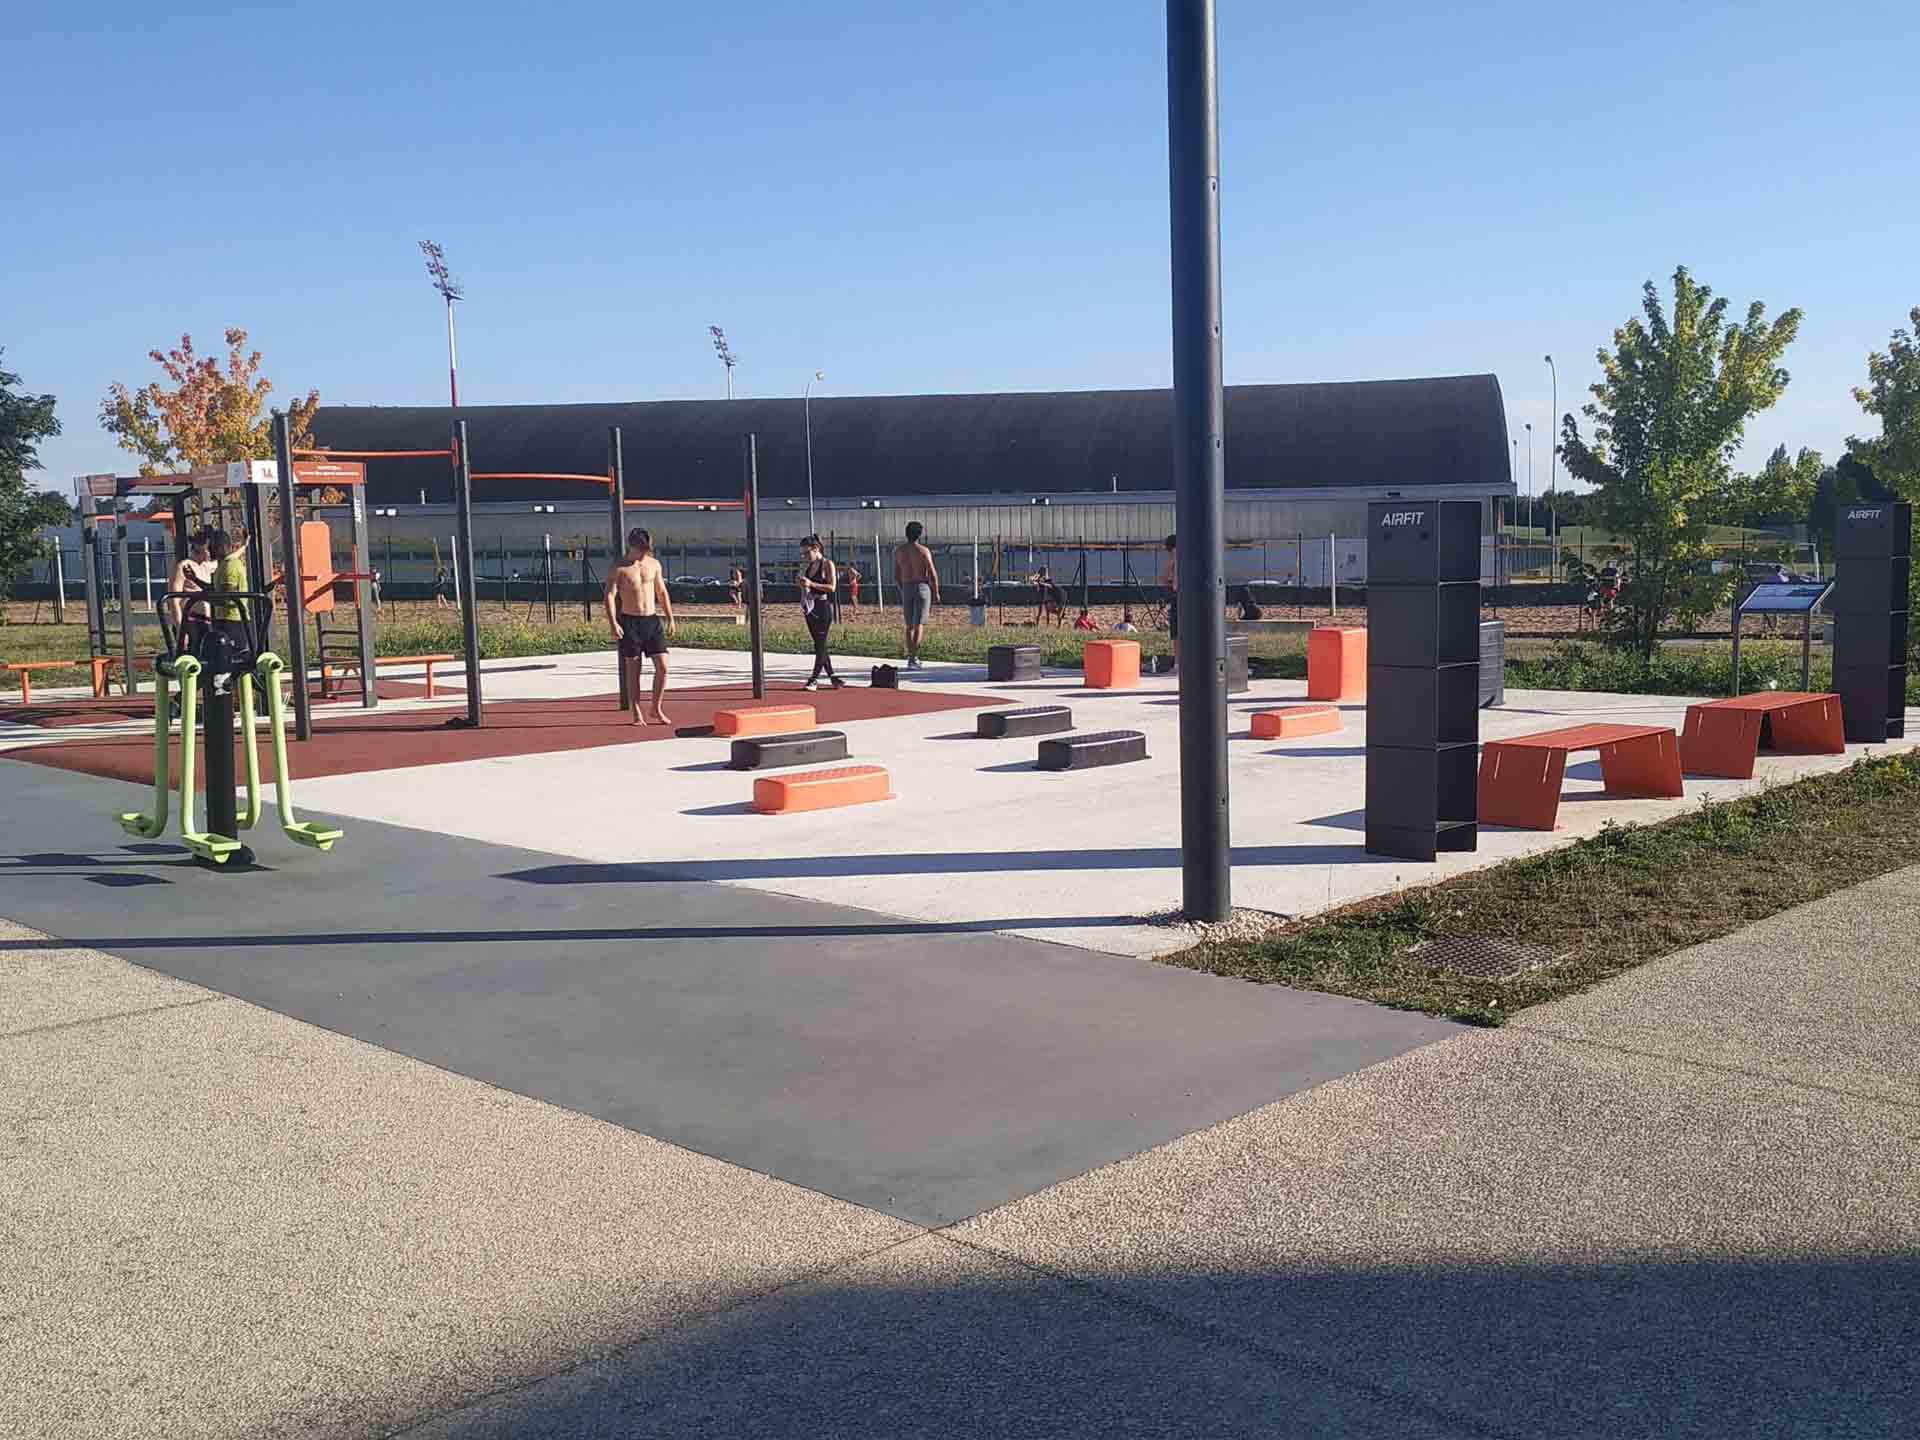 Photo du plateau sportif AirFit du campus universitaire de Dijon